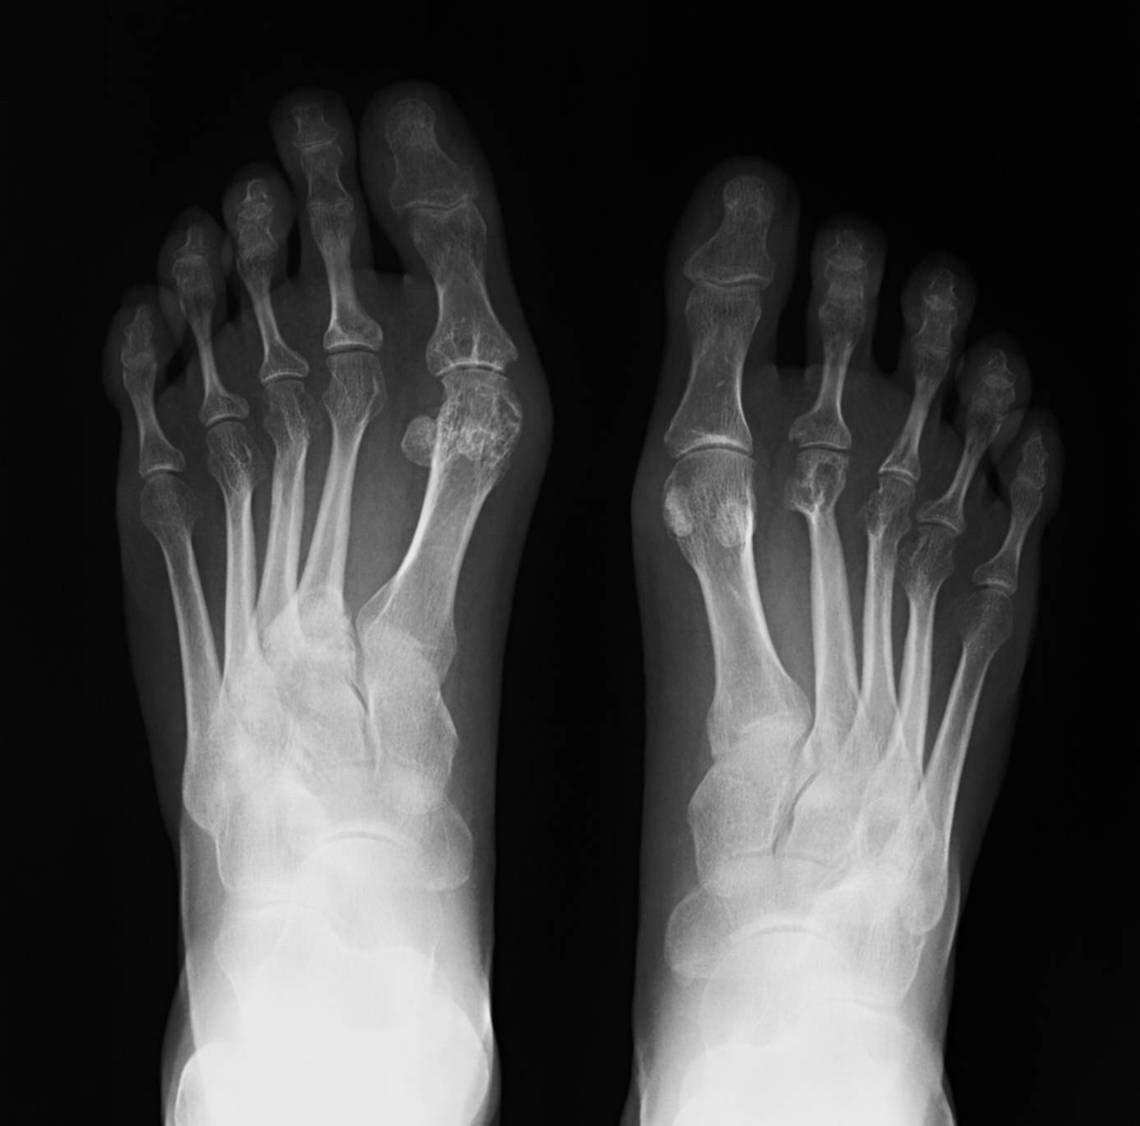 Placa de pies con artritis. | Imagen: Wikipedia